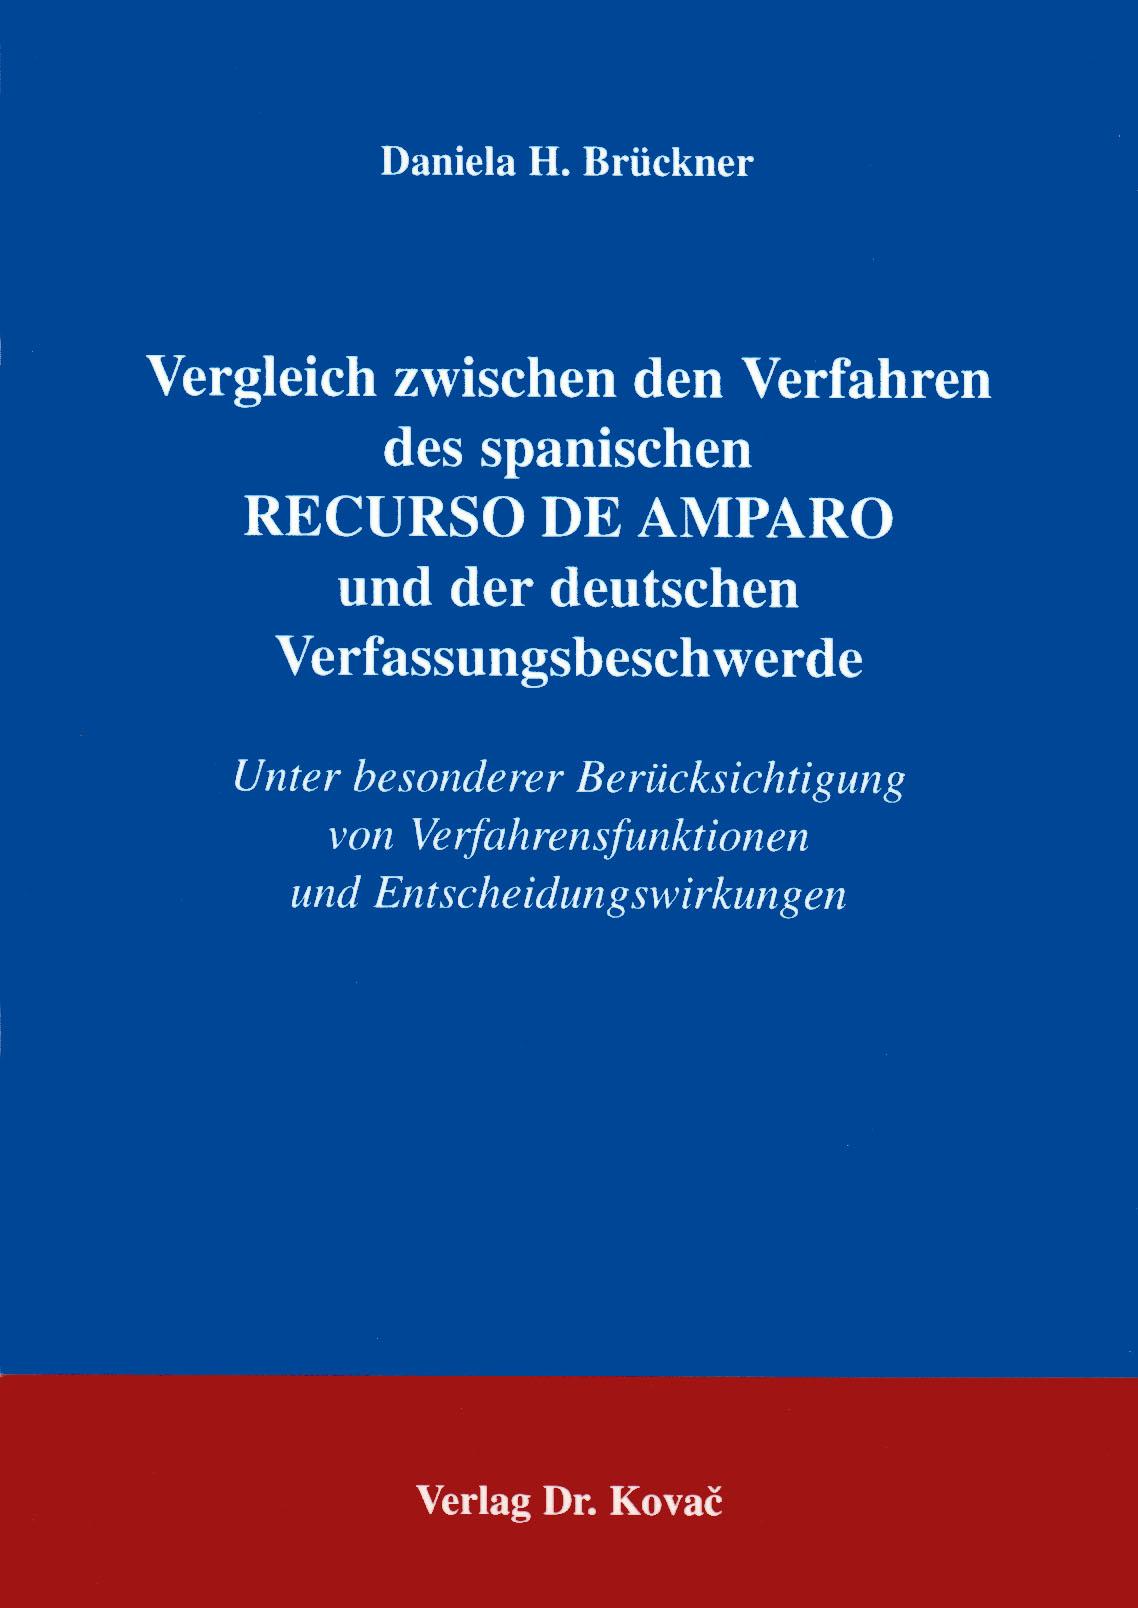 Cover: Vergleich zwischen den Verfahren des spanischen RECURSO DE AMPARO und der deutschen Verfassungsbeschwerde